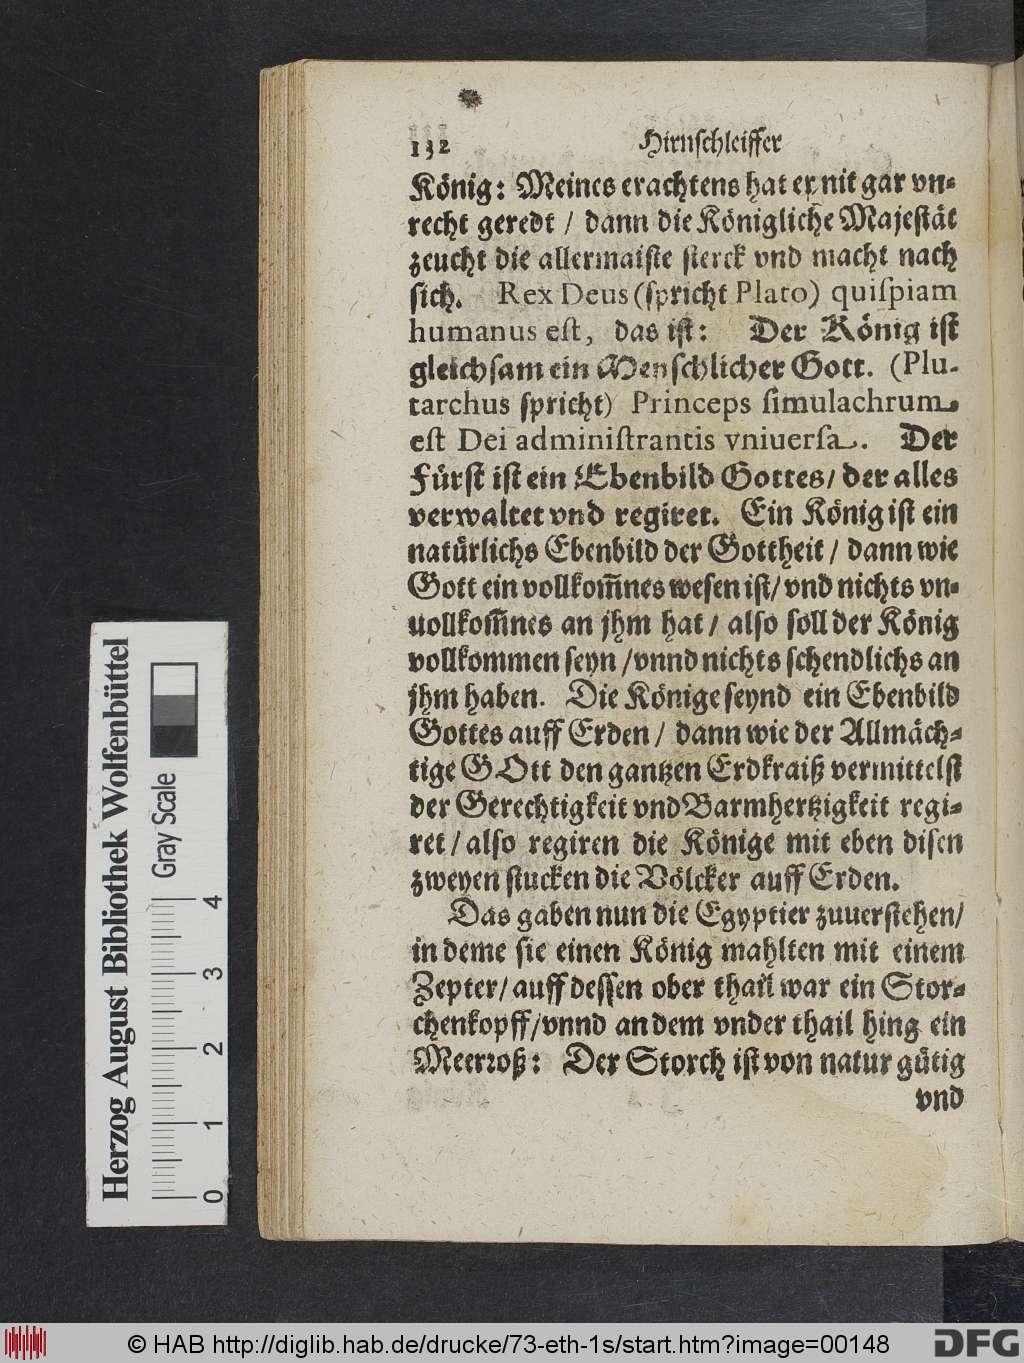 http://diglib.hab.de/drucke/73-eth-1s/00148.jpg